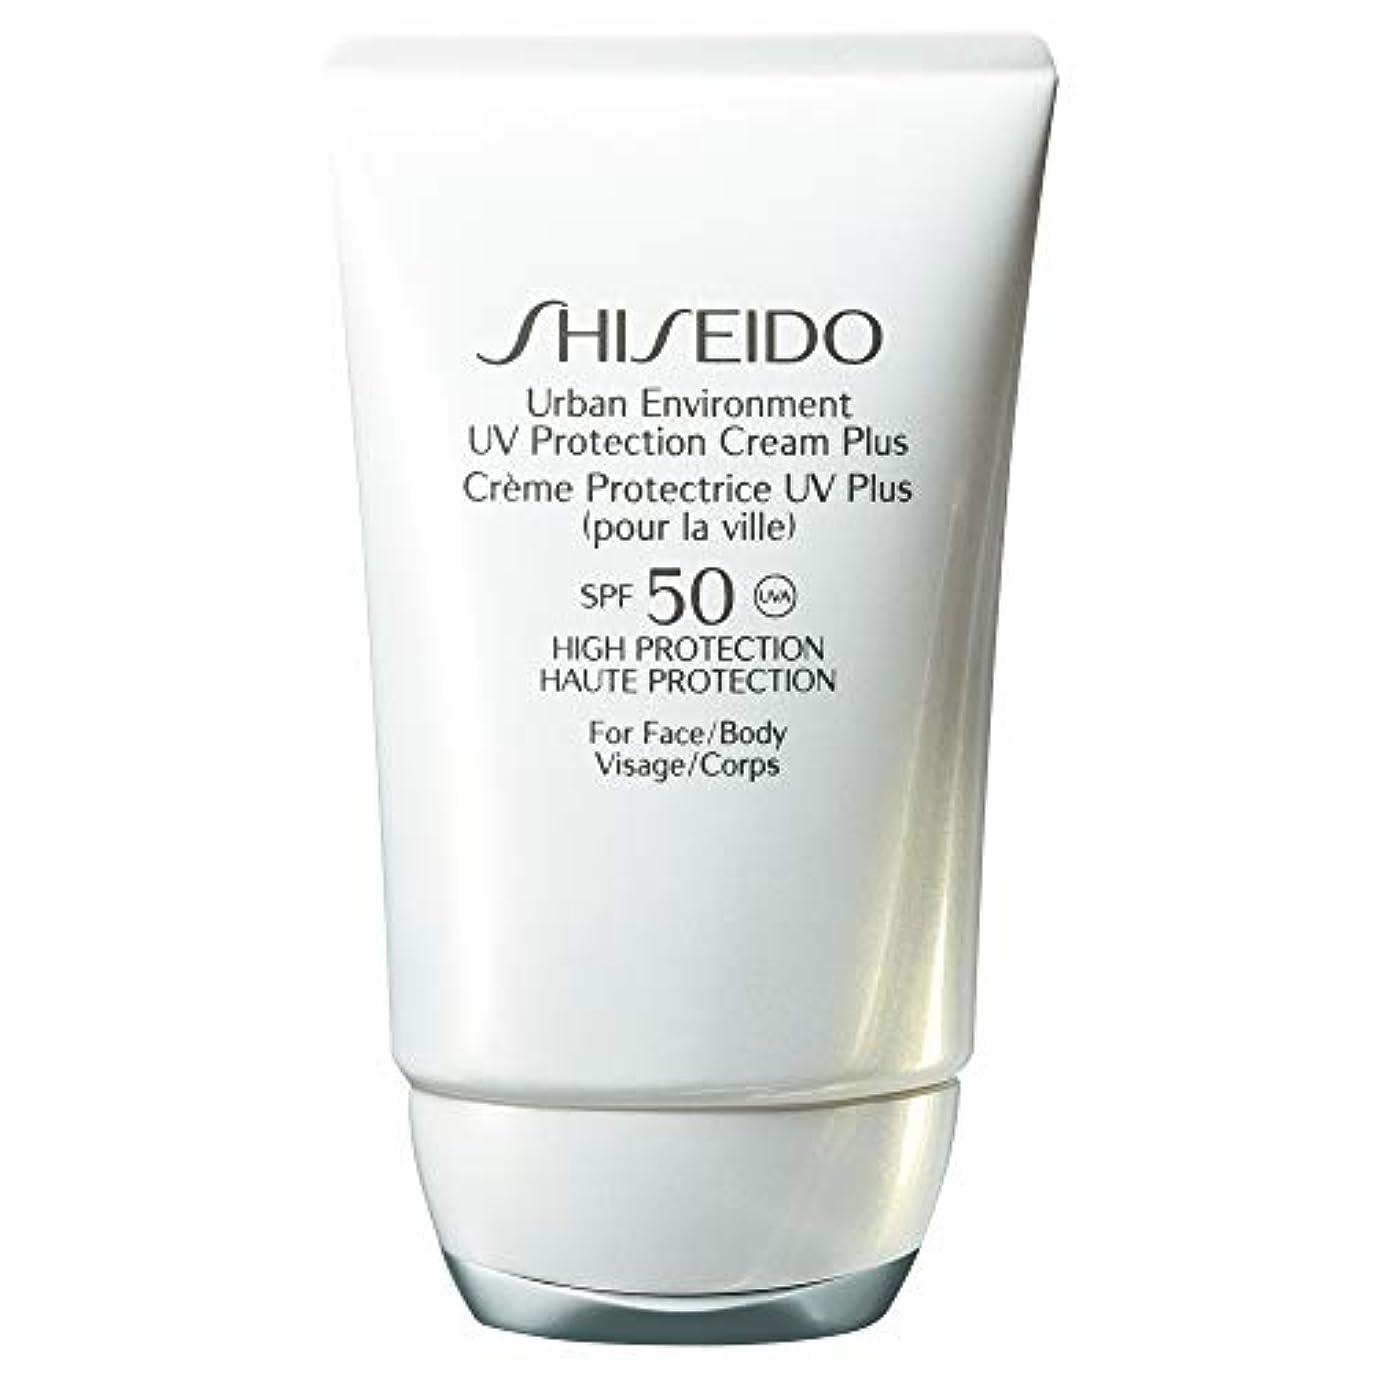 外側寄稿者満足させる[Shiseido] 資生堂都市環境UvプロテクションクリームプラスSpf 50 50ミリリットル - Shiseido Urban Environment Uv Protection Cream Plus Spf 50...